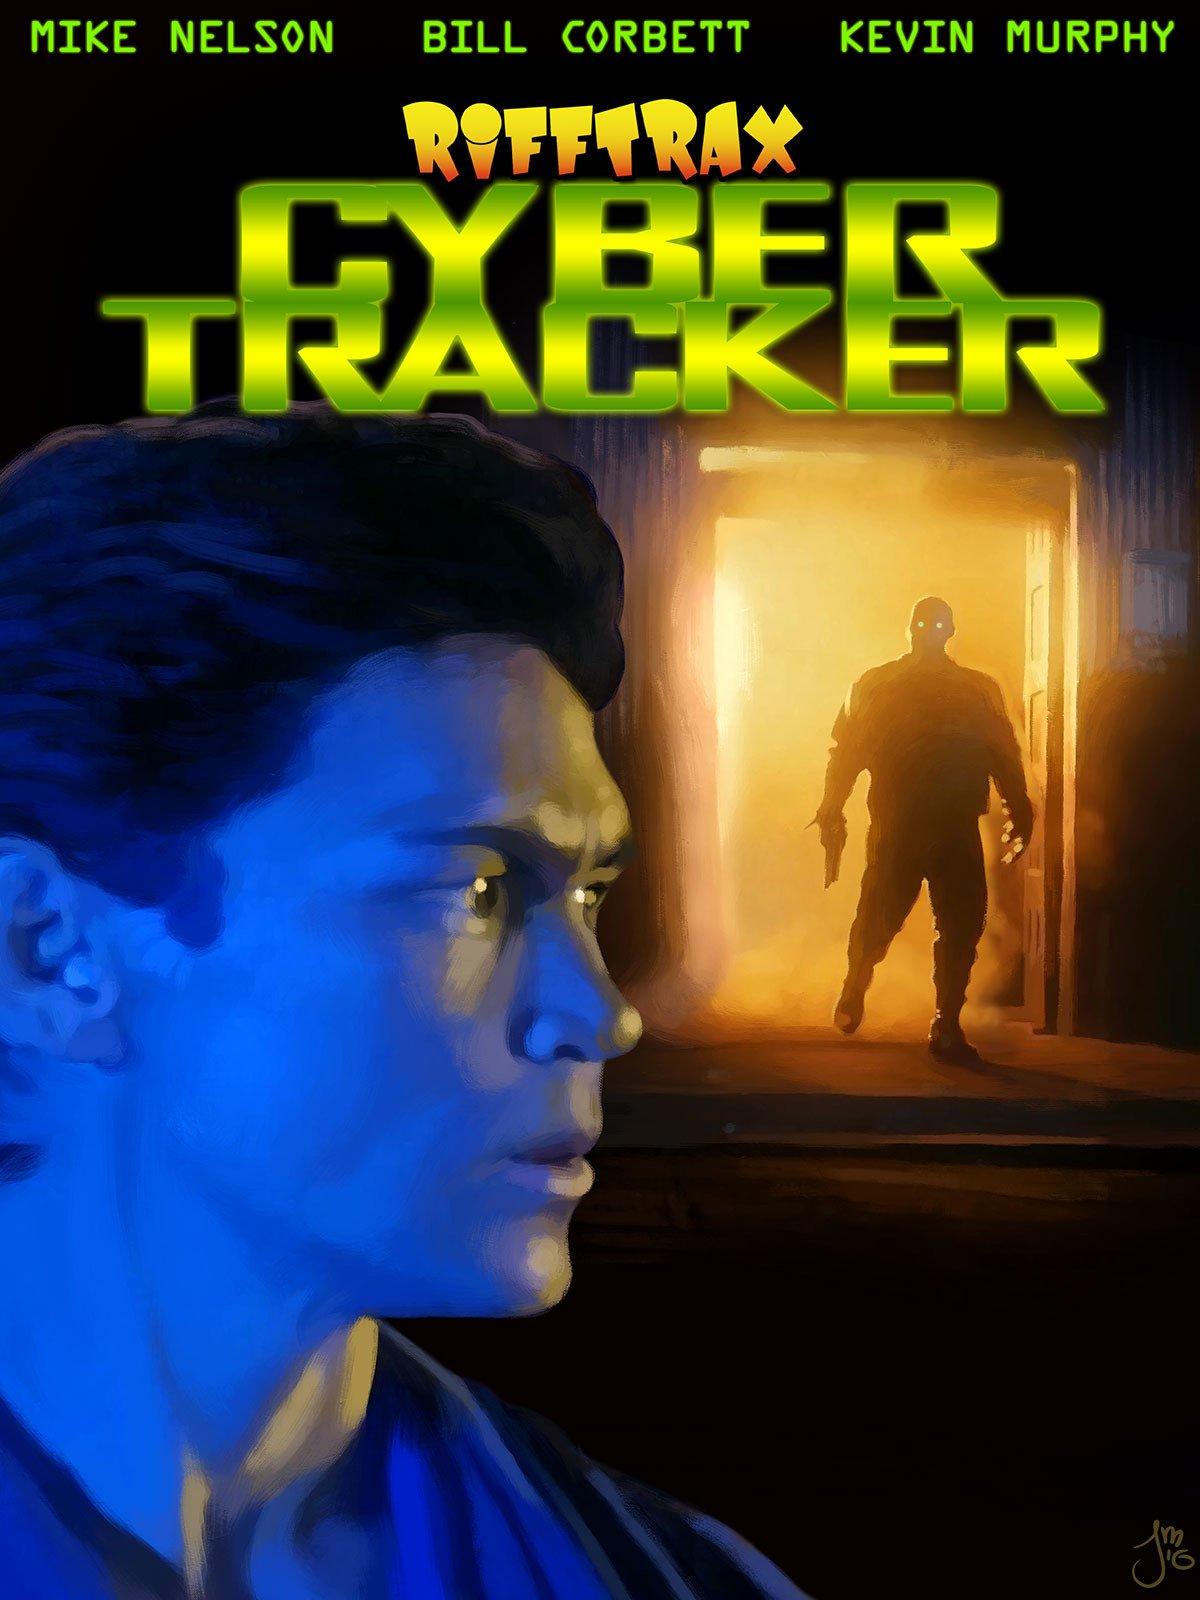 RiffTrax: Cyber Tracker